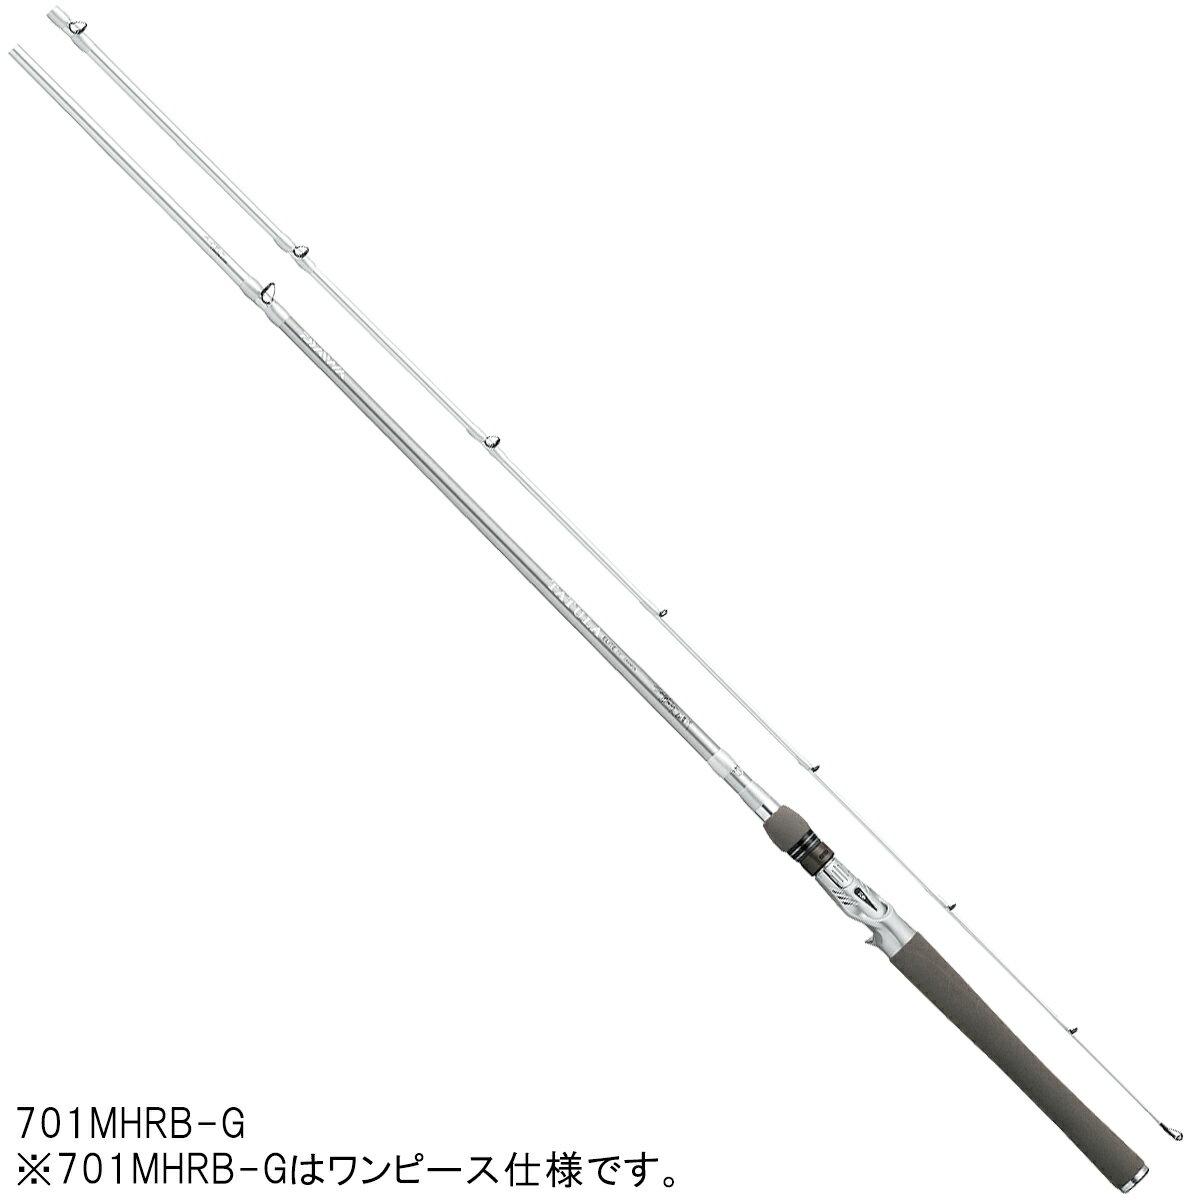 ダイワ タトゥーラ エリート 701MHRB-G【大型商品】